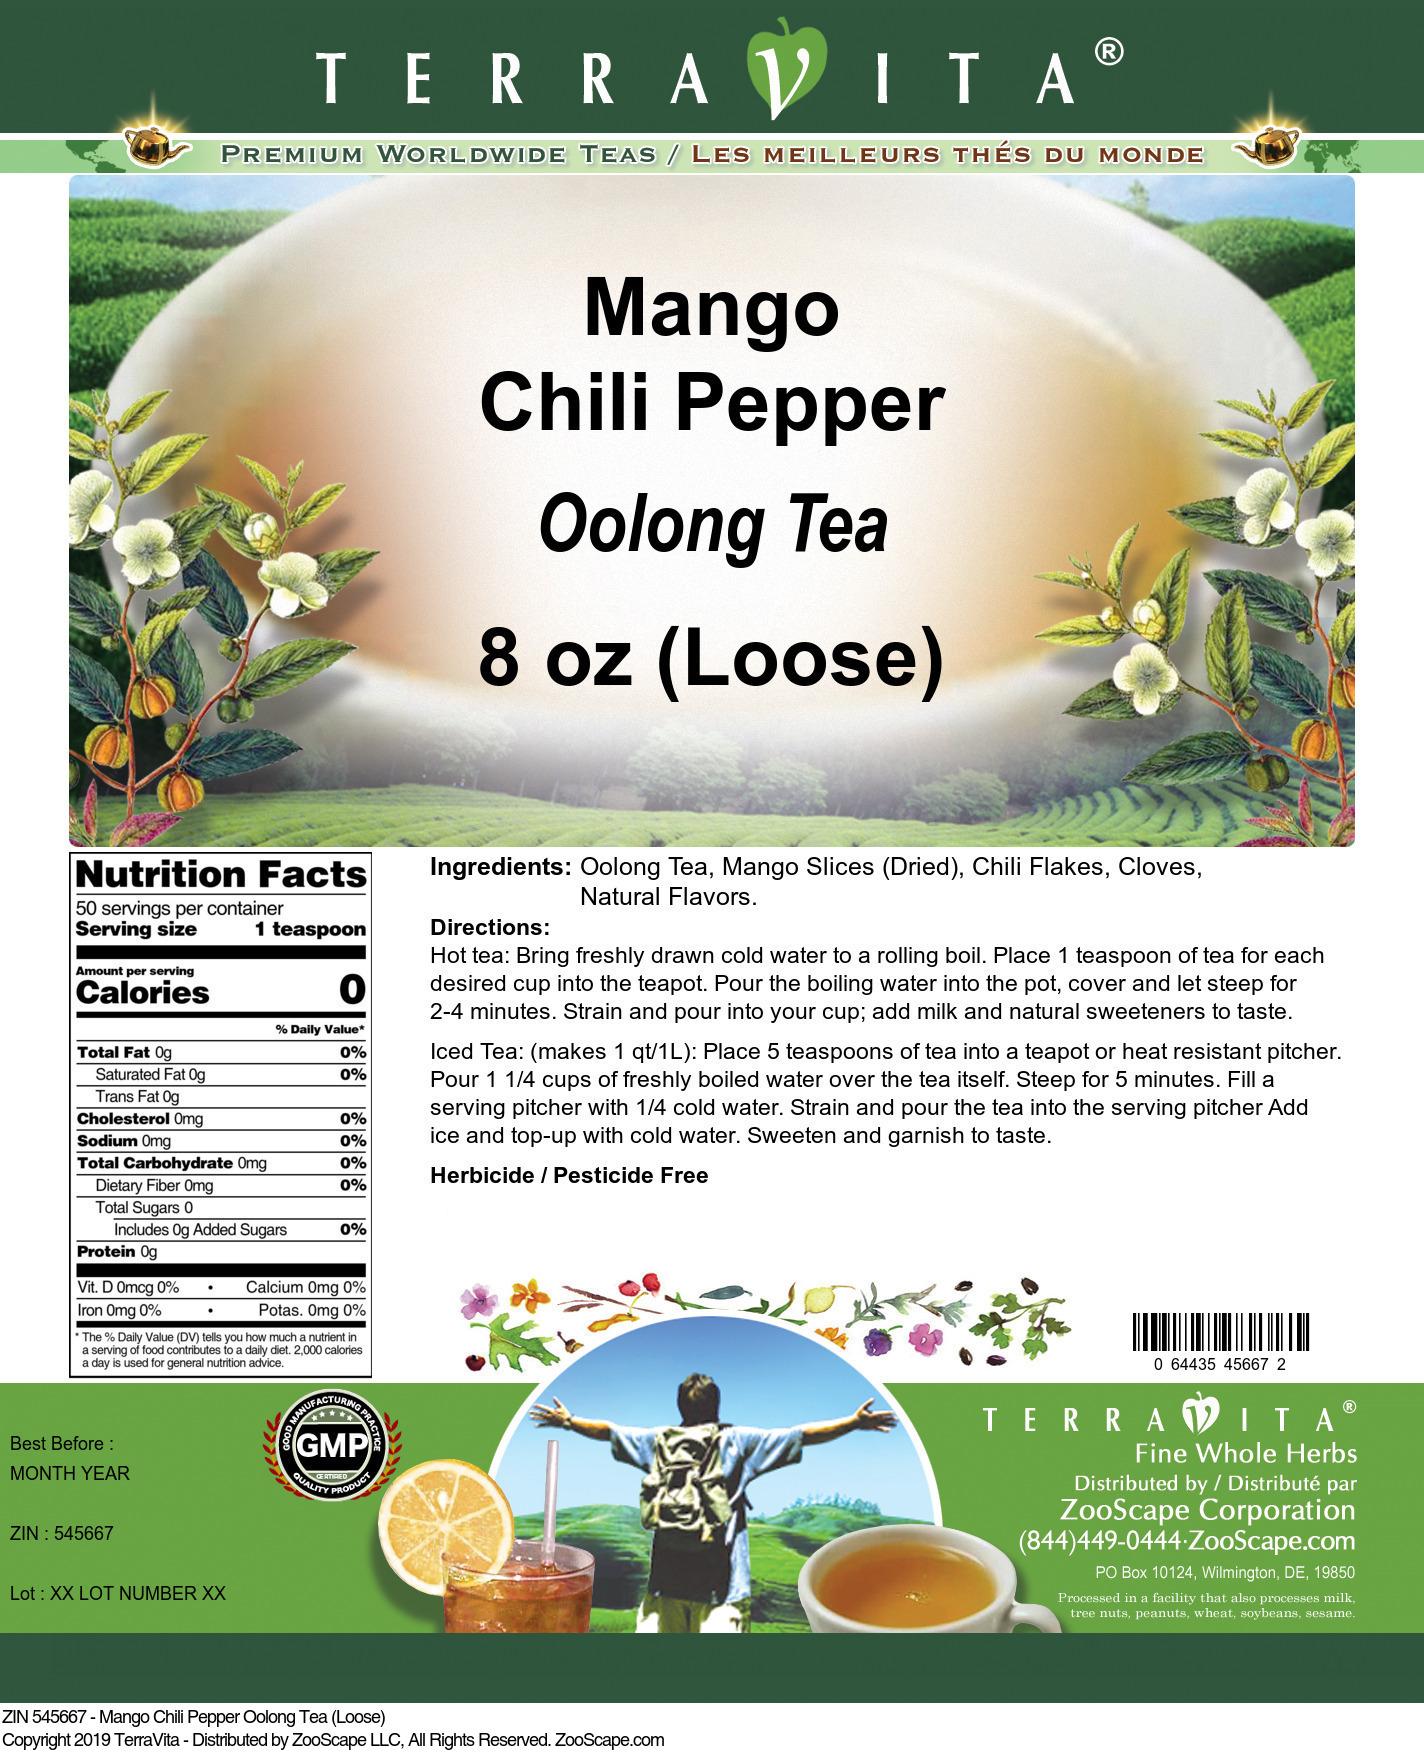 Mango Chili Pepper Oolong Tea (Loose)